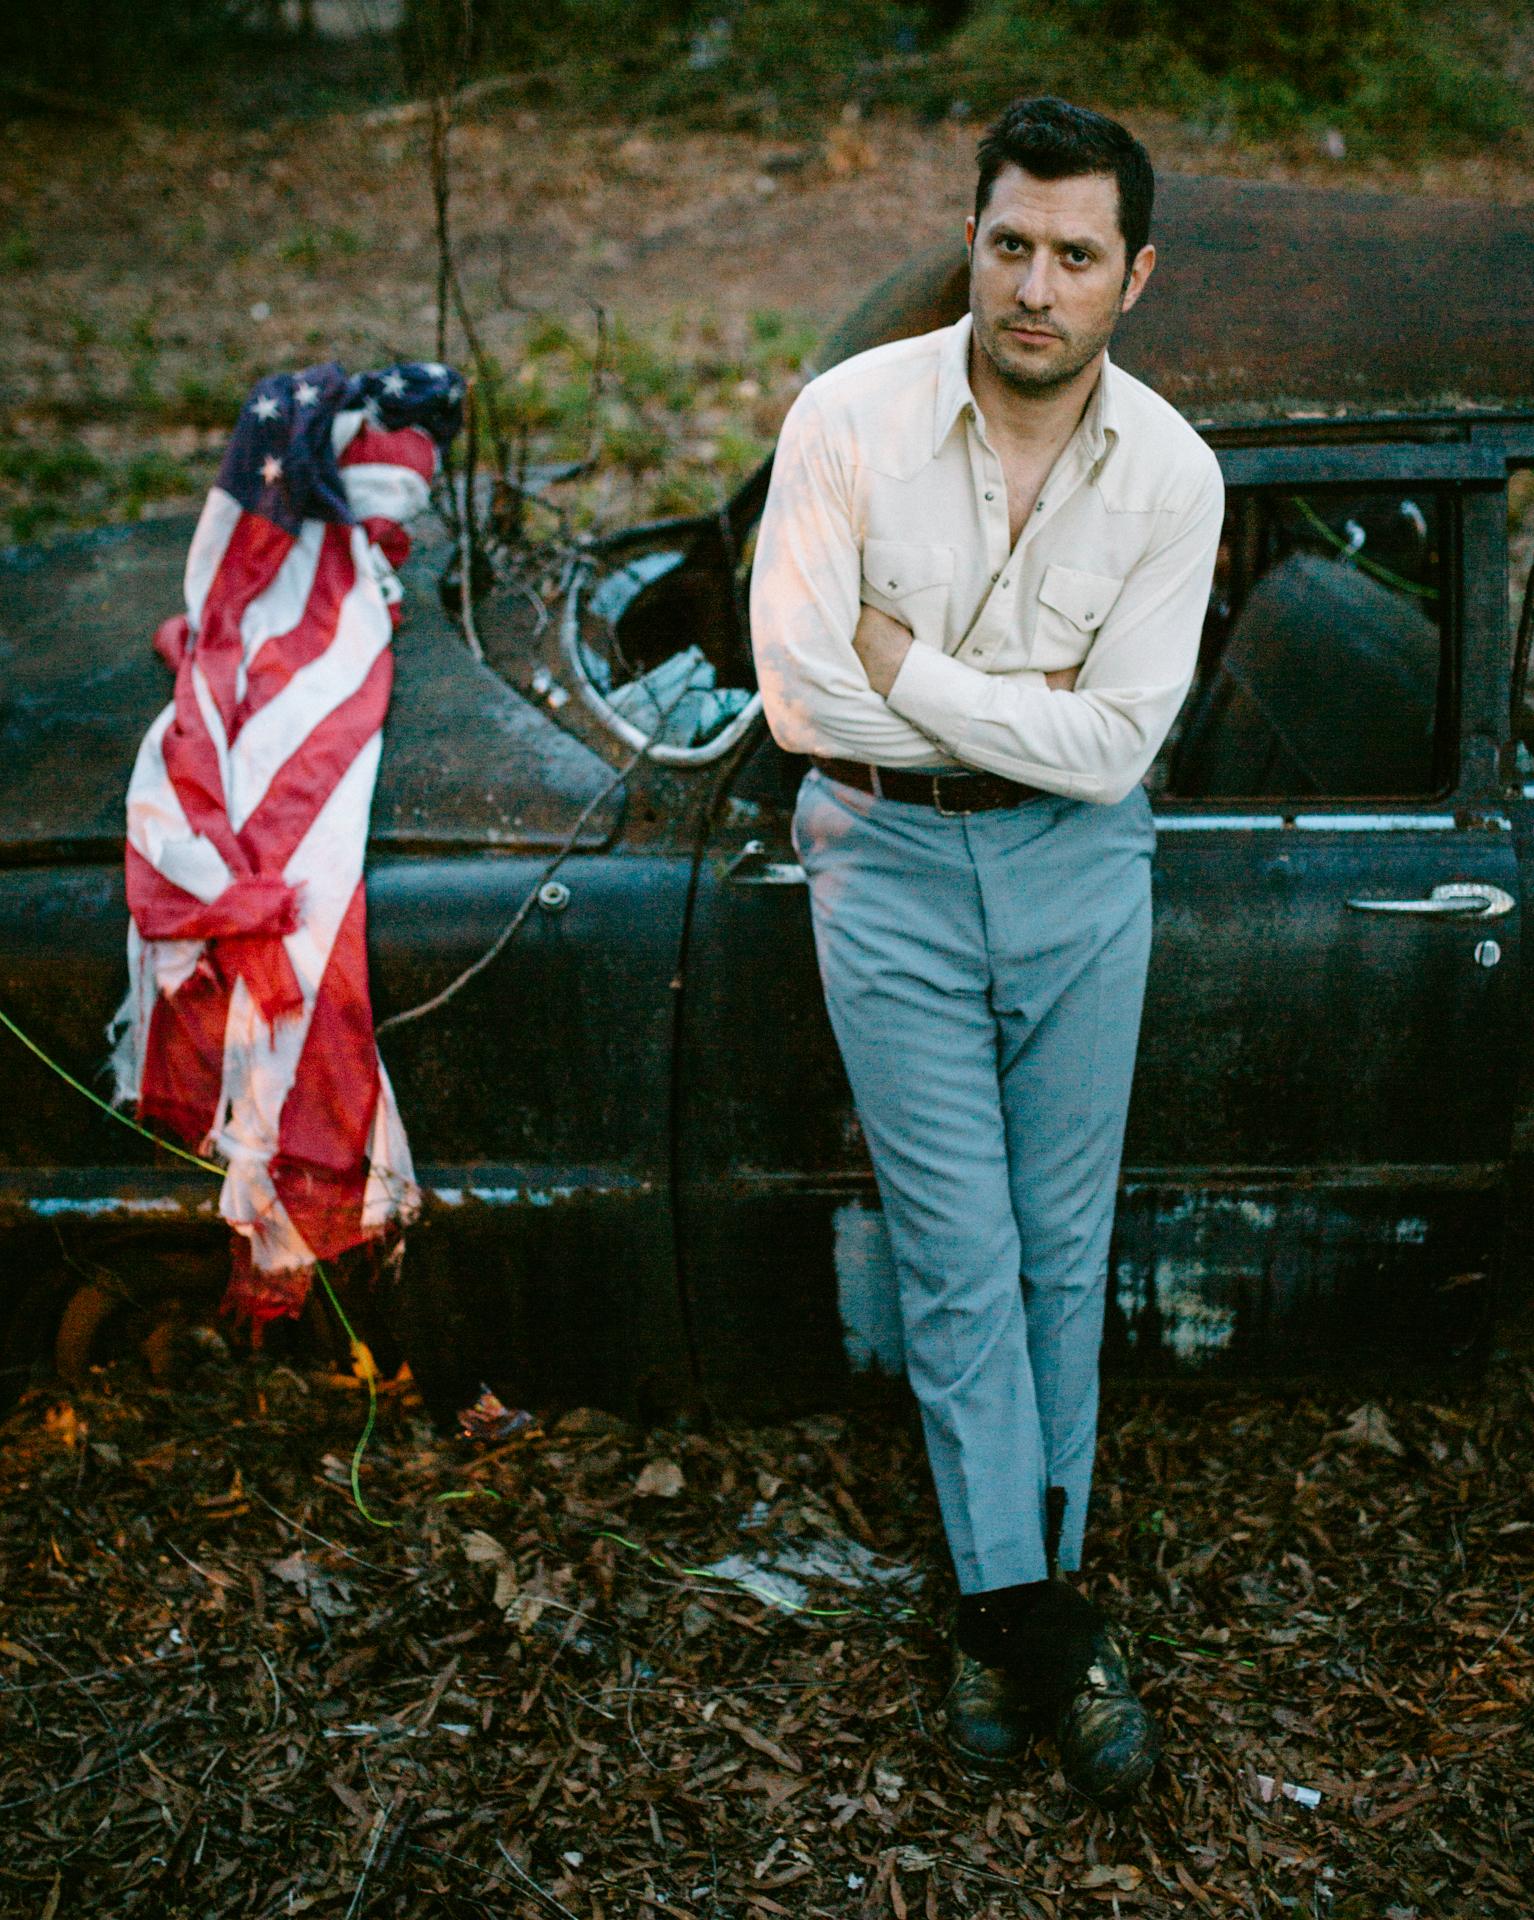 Jason-kutchma-musician-photography-79.jpg